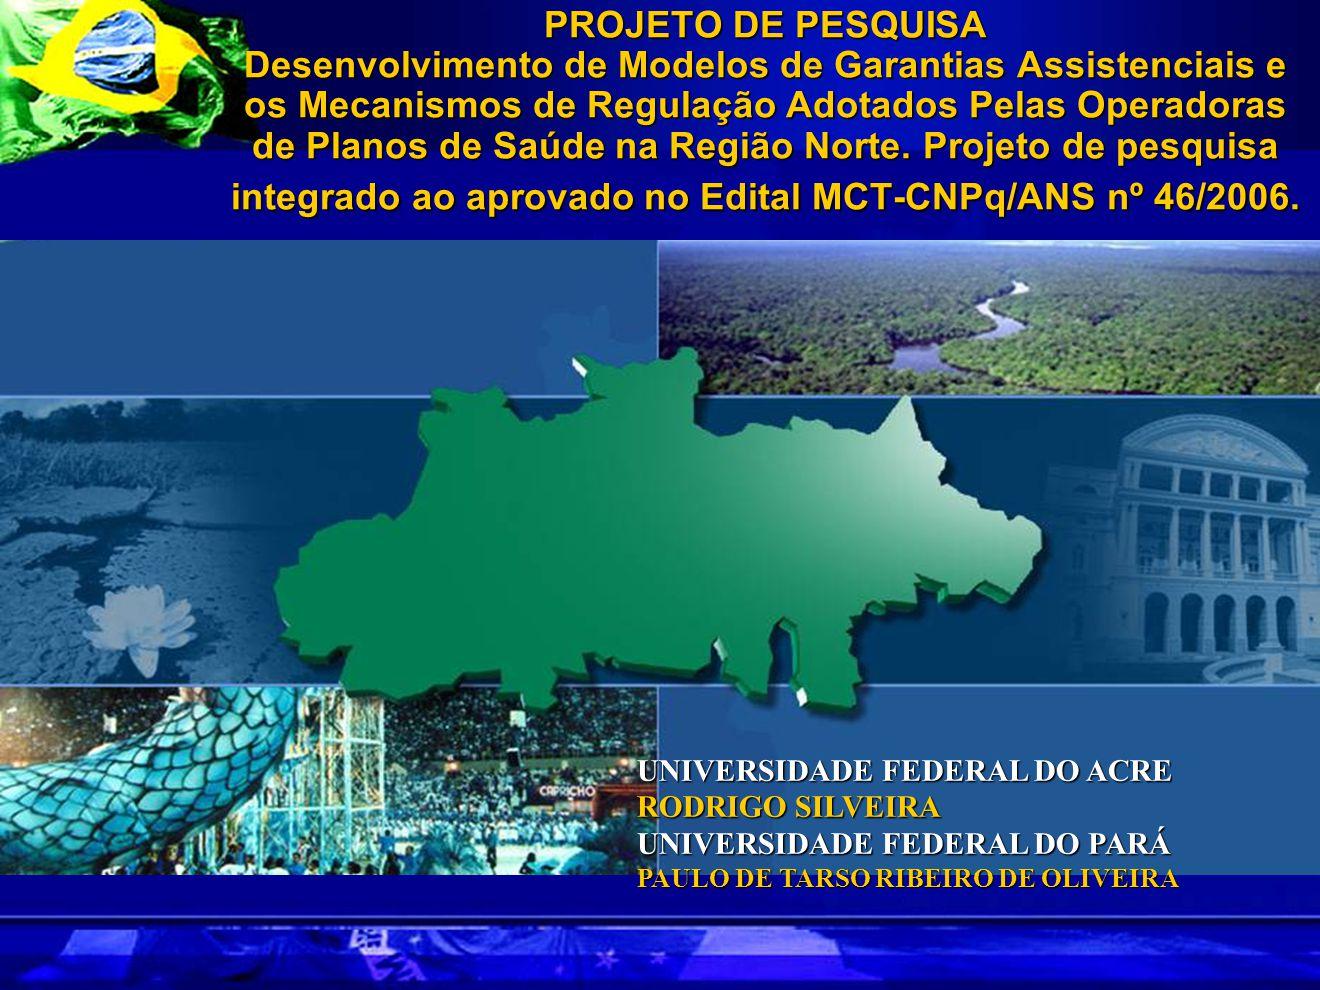 PROJETO DE PESQUISA Desenvolvimento de Modelos de Garantias Assistenciais e os Mecanismos de Regulação Adotados Pelas Operadoras de Planos de Saúde na Região Norte.